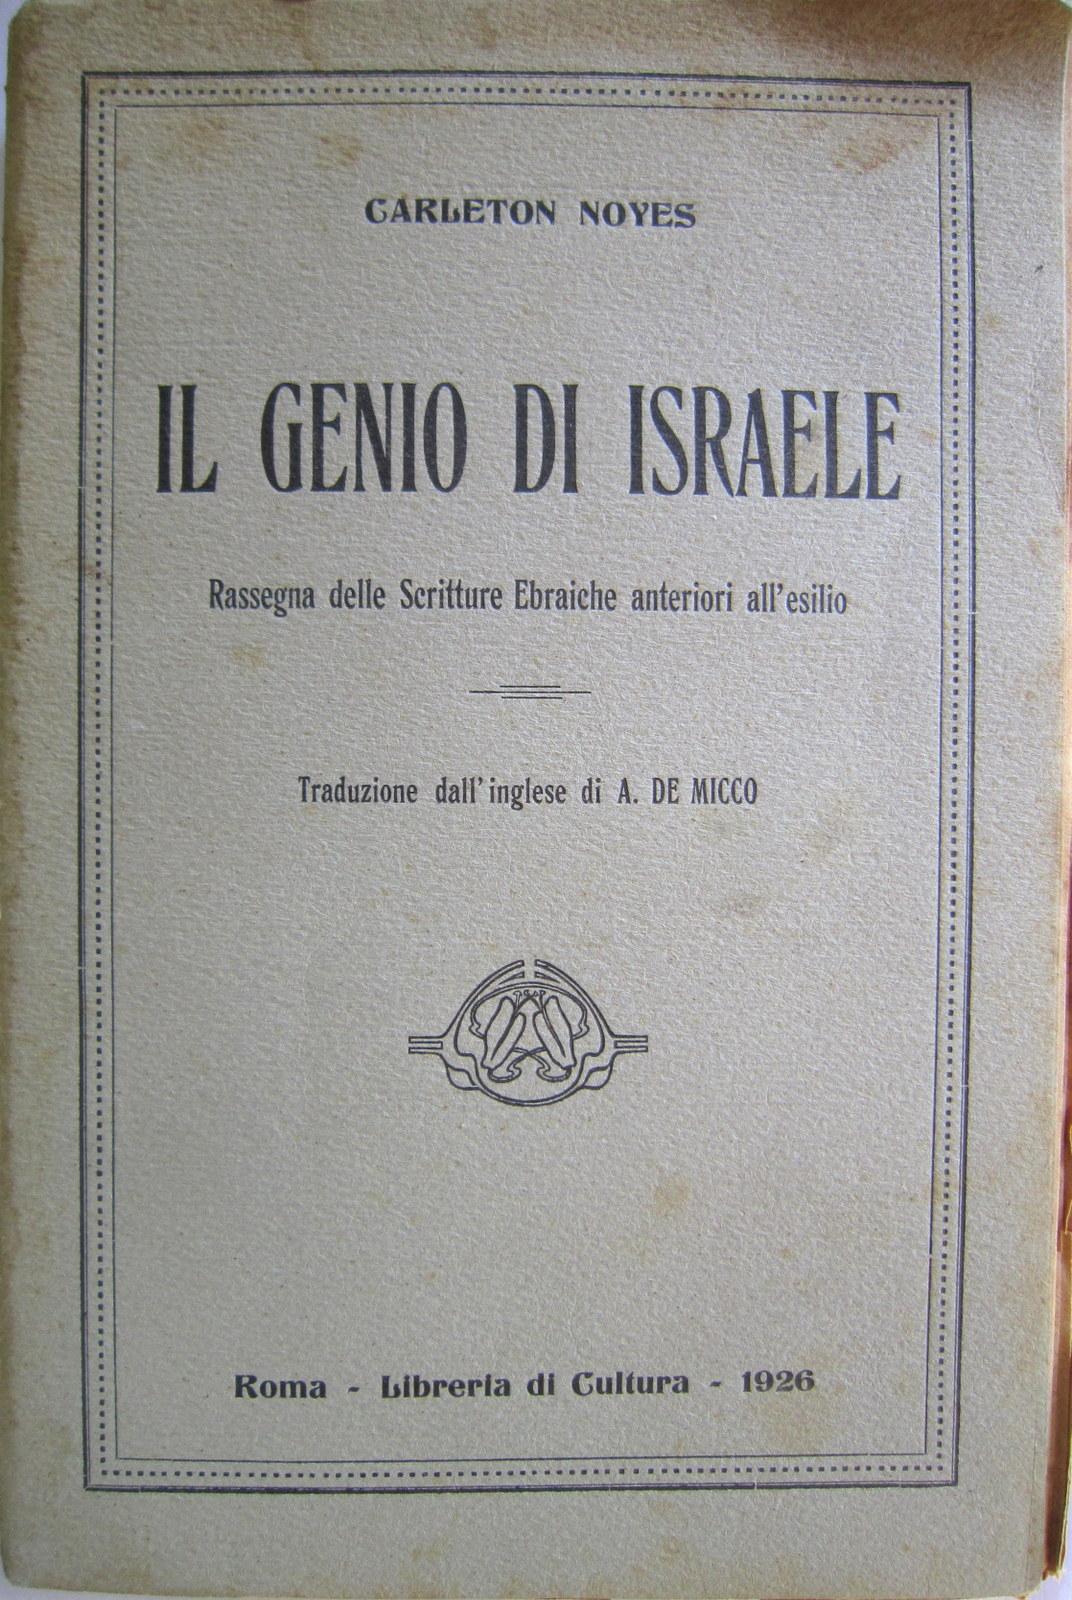 Il genio di Israele